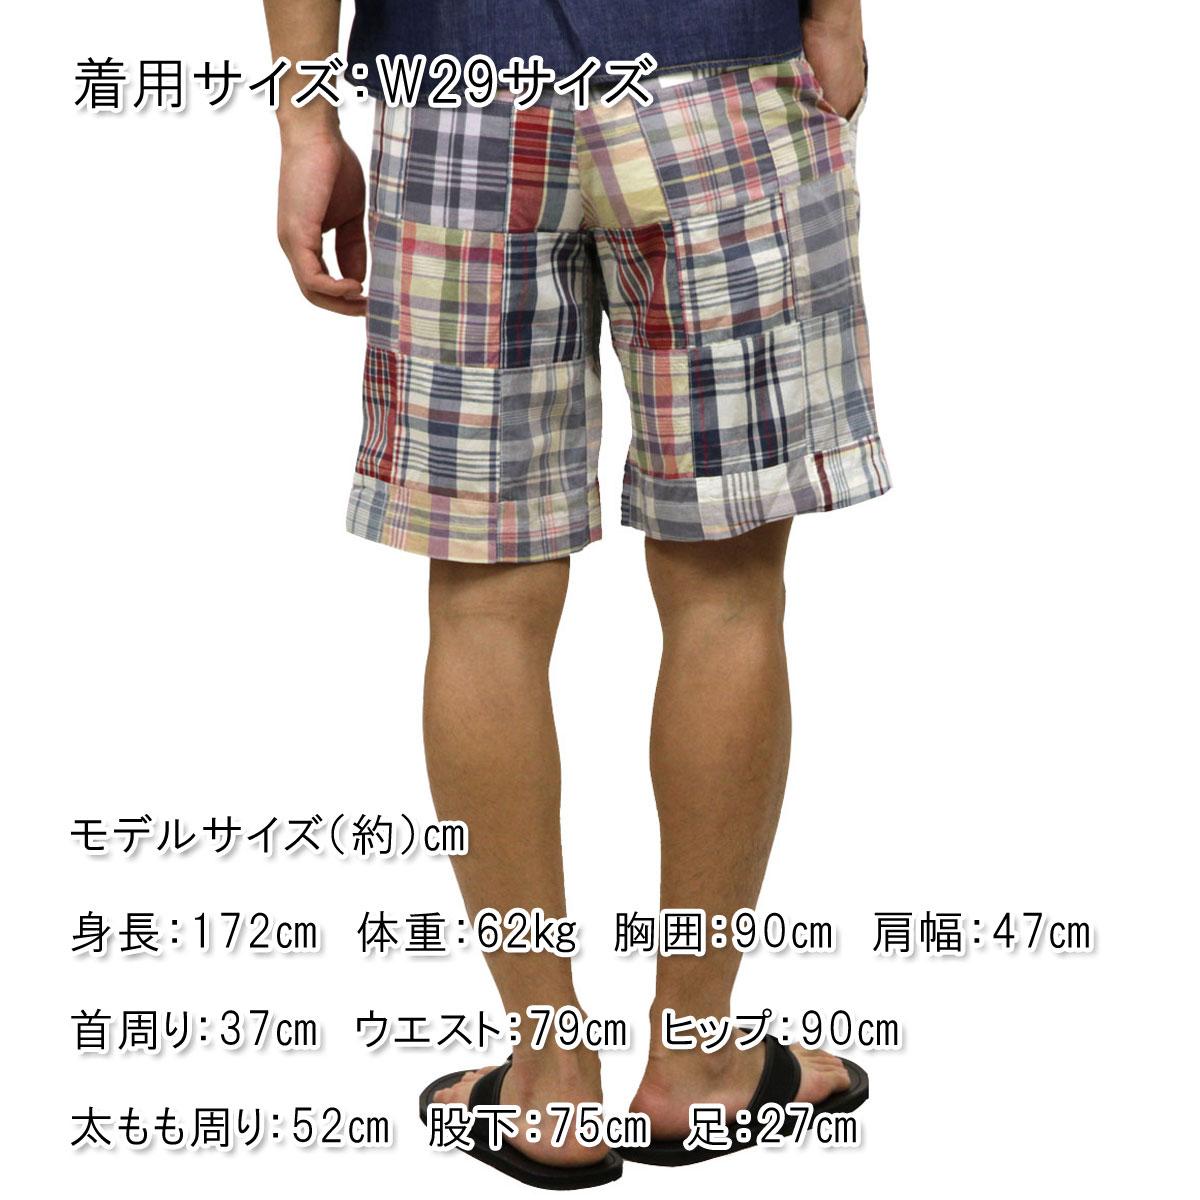 【ポイント10倍 6/21 20:00~6/26 01:59まで】 ポロ ラルフローレン POLO RALPH LAUREN 正規品 メンズ ショートパンツ MADRAS PATCHWORK SHORTS D20S30